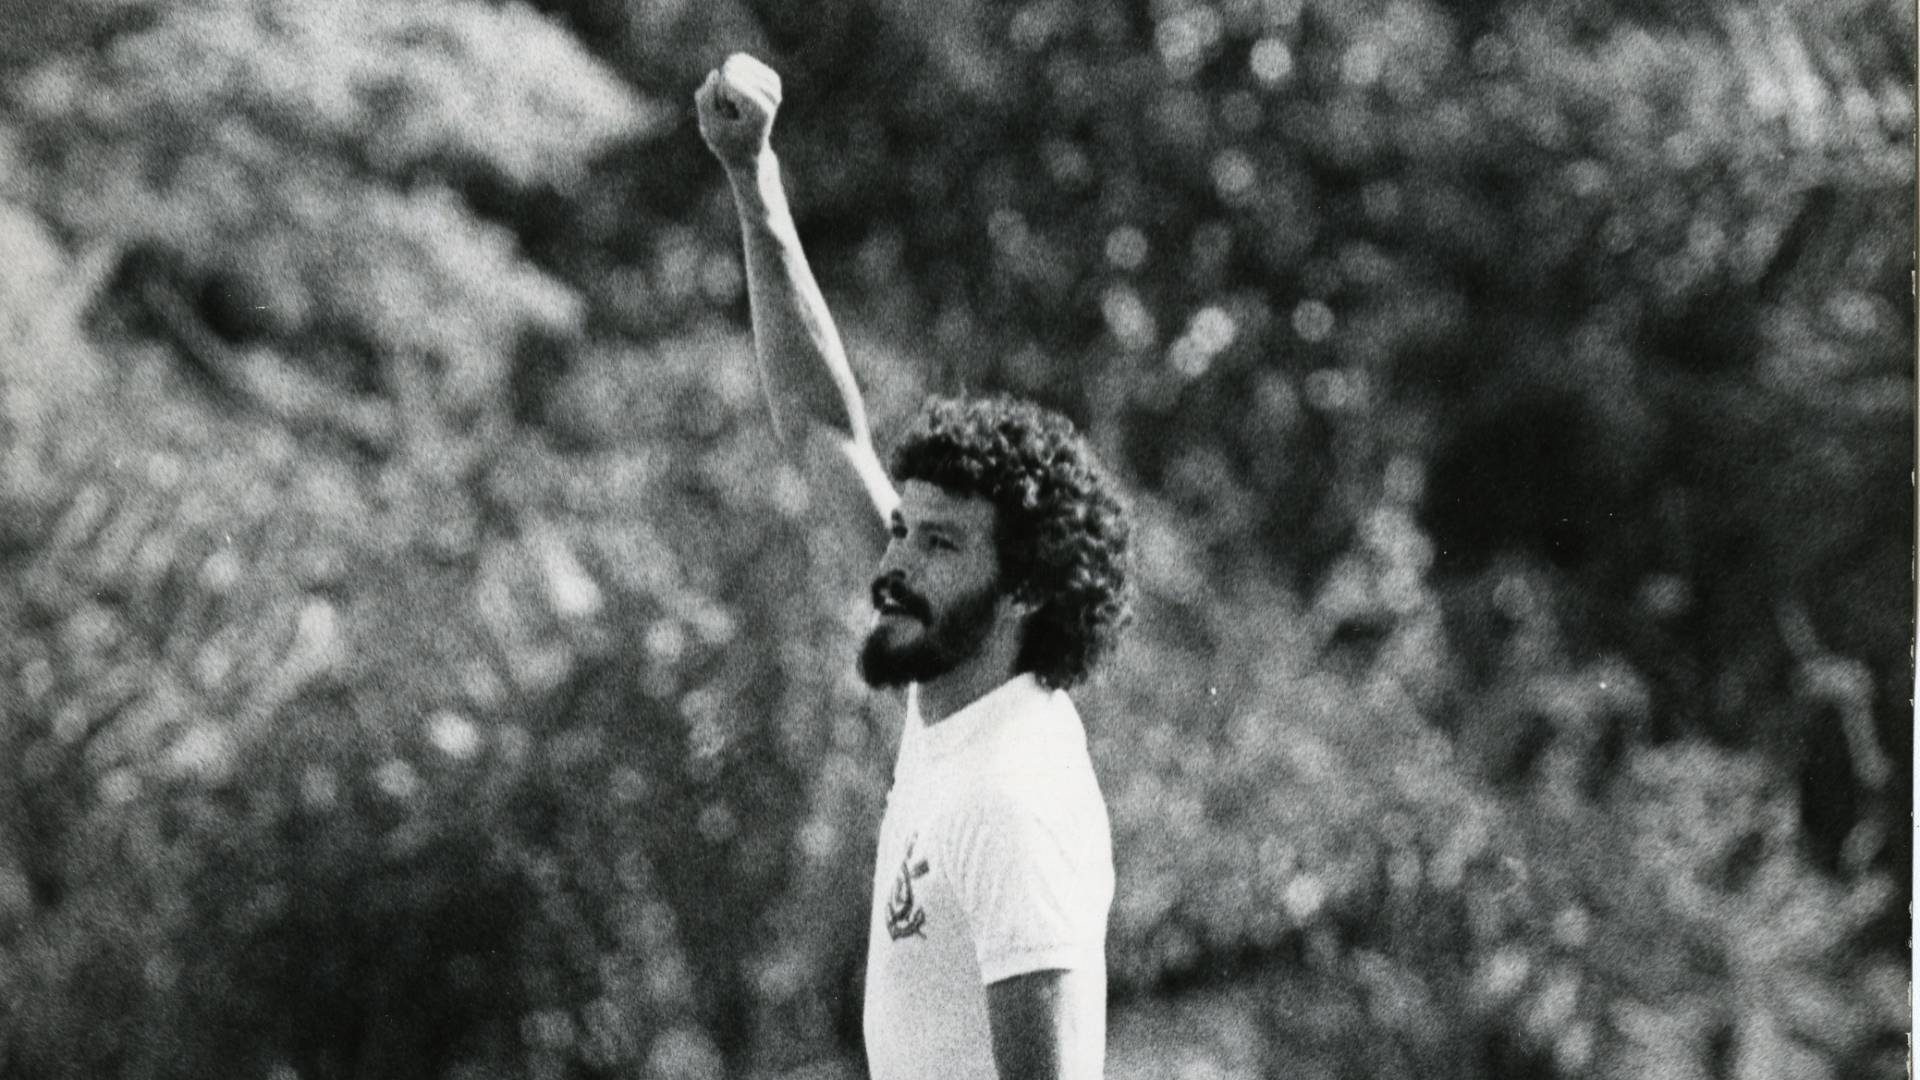 socrates faz a tradicional comemoracao de gol depois de ajudar o corinthians a fazer 3 a 1 sobre o sao jose no parque antarctica pelo campeonato paulista de 1983 1315269166866 1920x1080